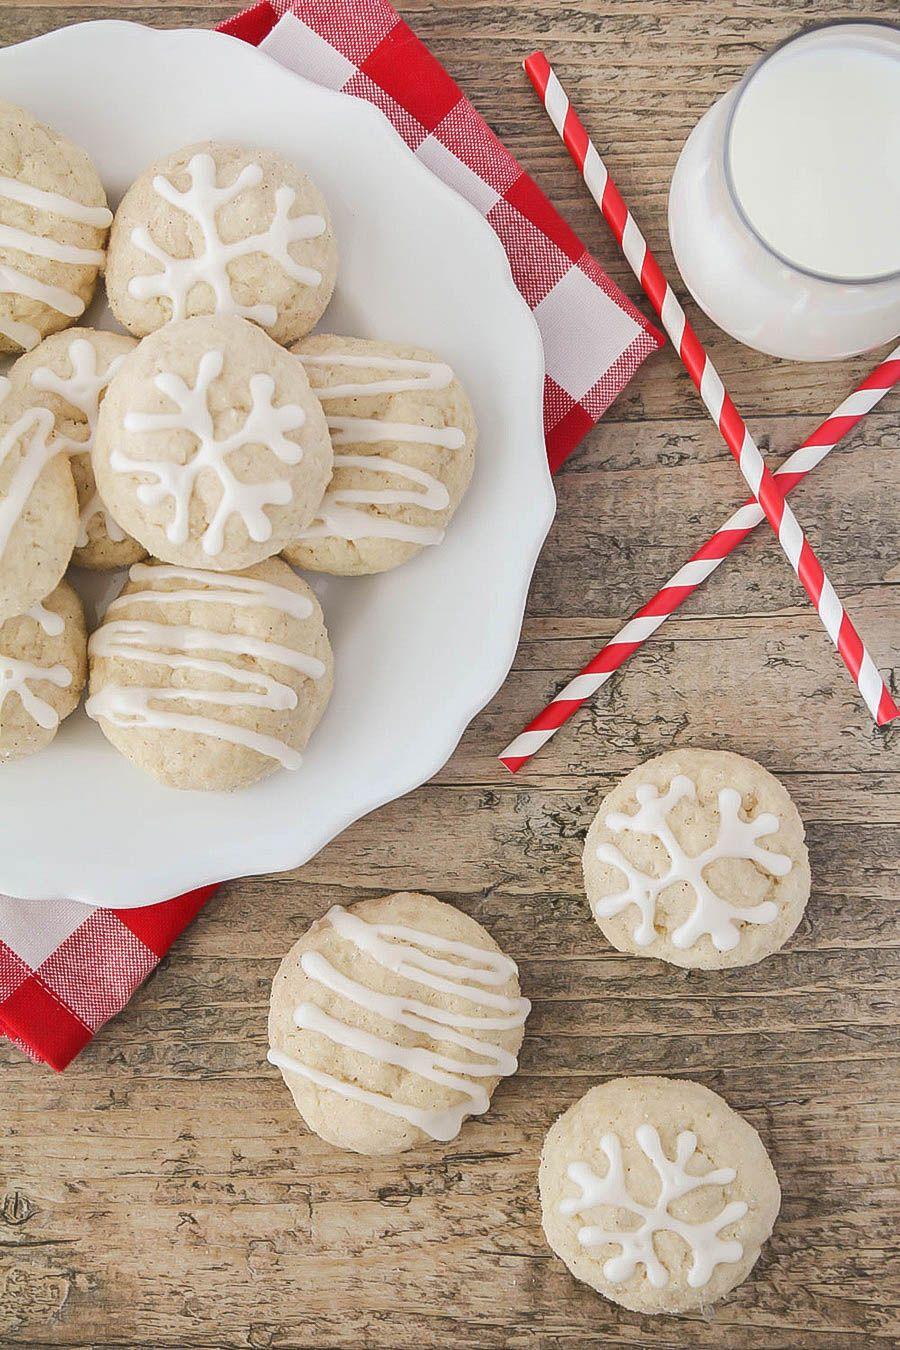 15+ Easy Eggnog Recipes - Homemade Eggnog Drinks and Cookies—Delish.com